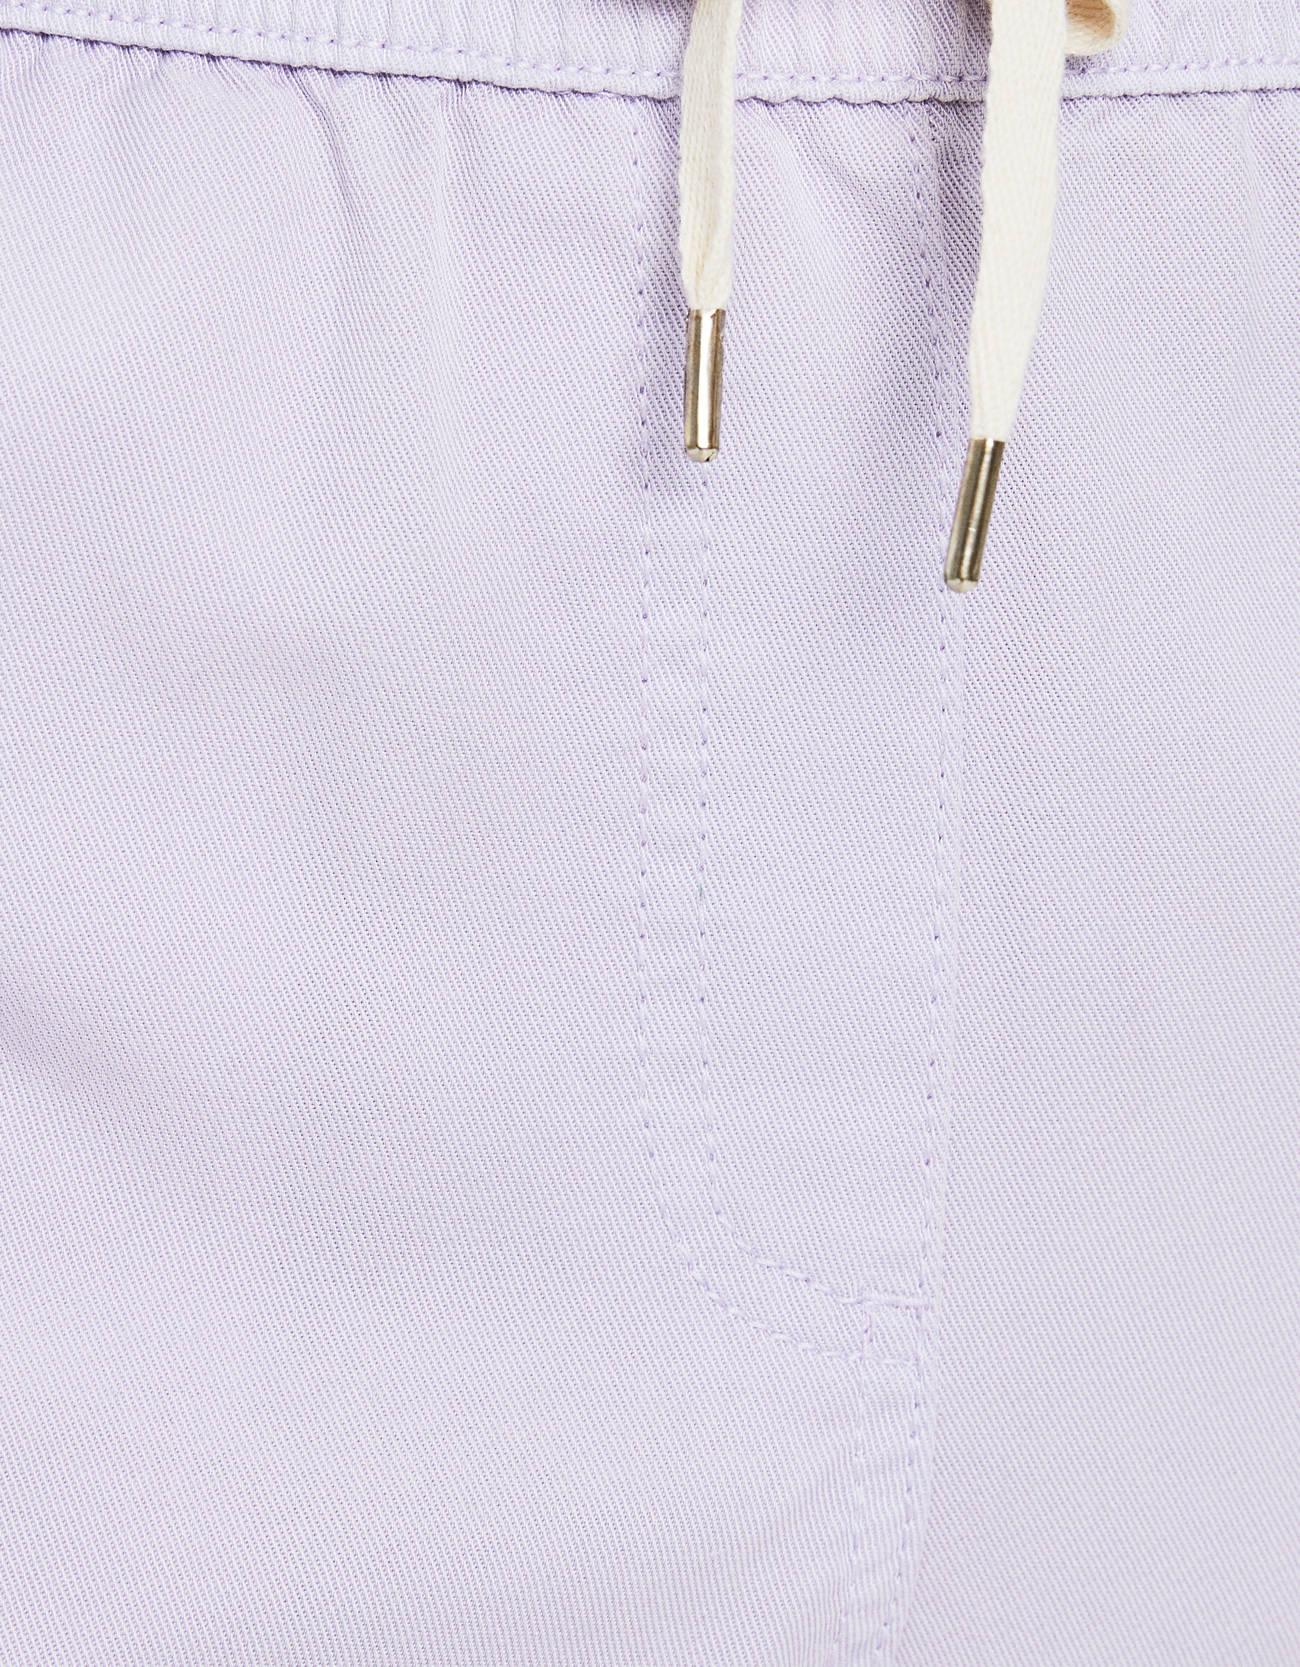 Брюки-джоггеры из ткани ТЕНСЕЛ® с отворотами Фиолетовый Bershka